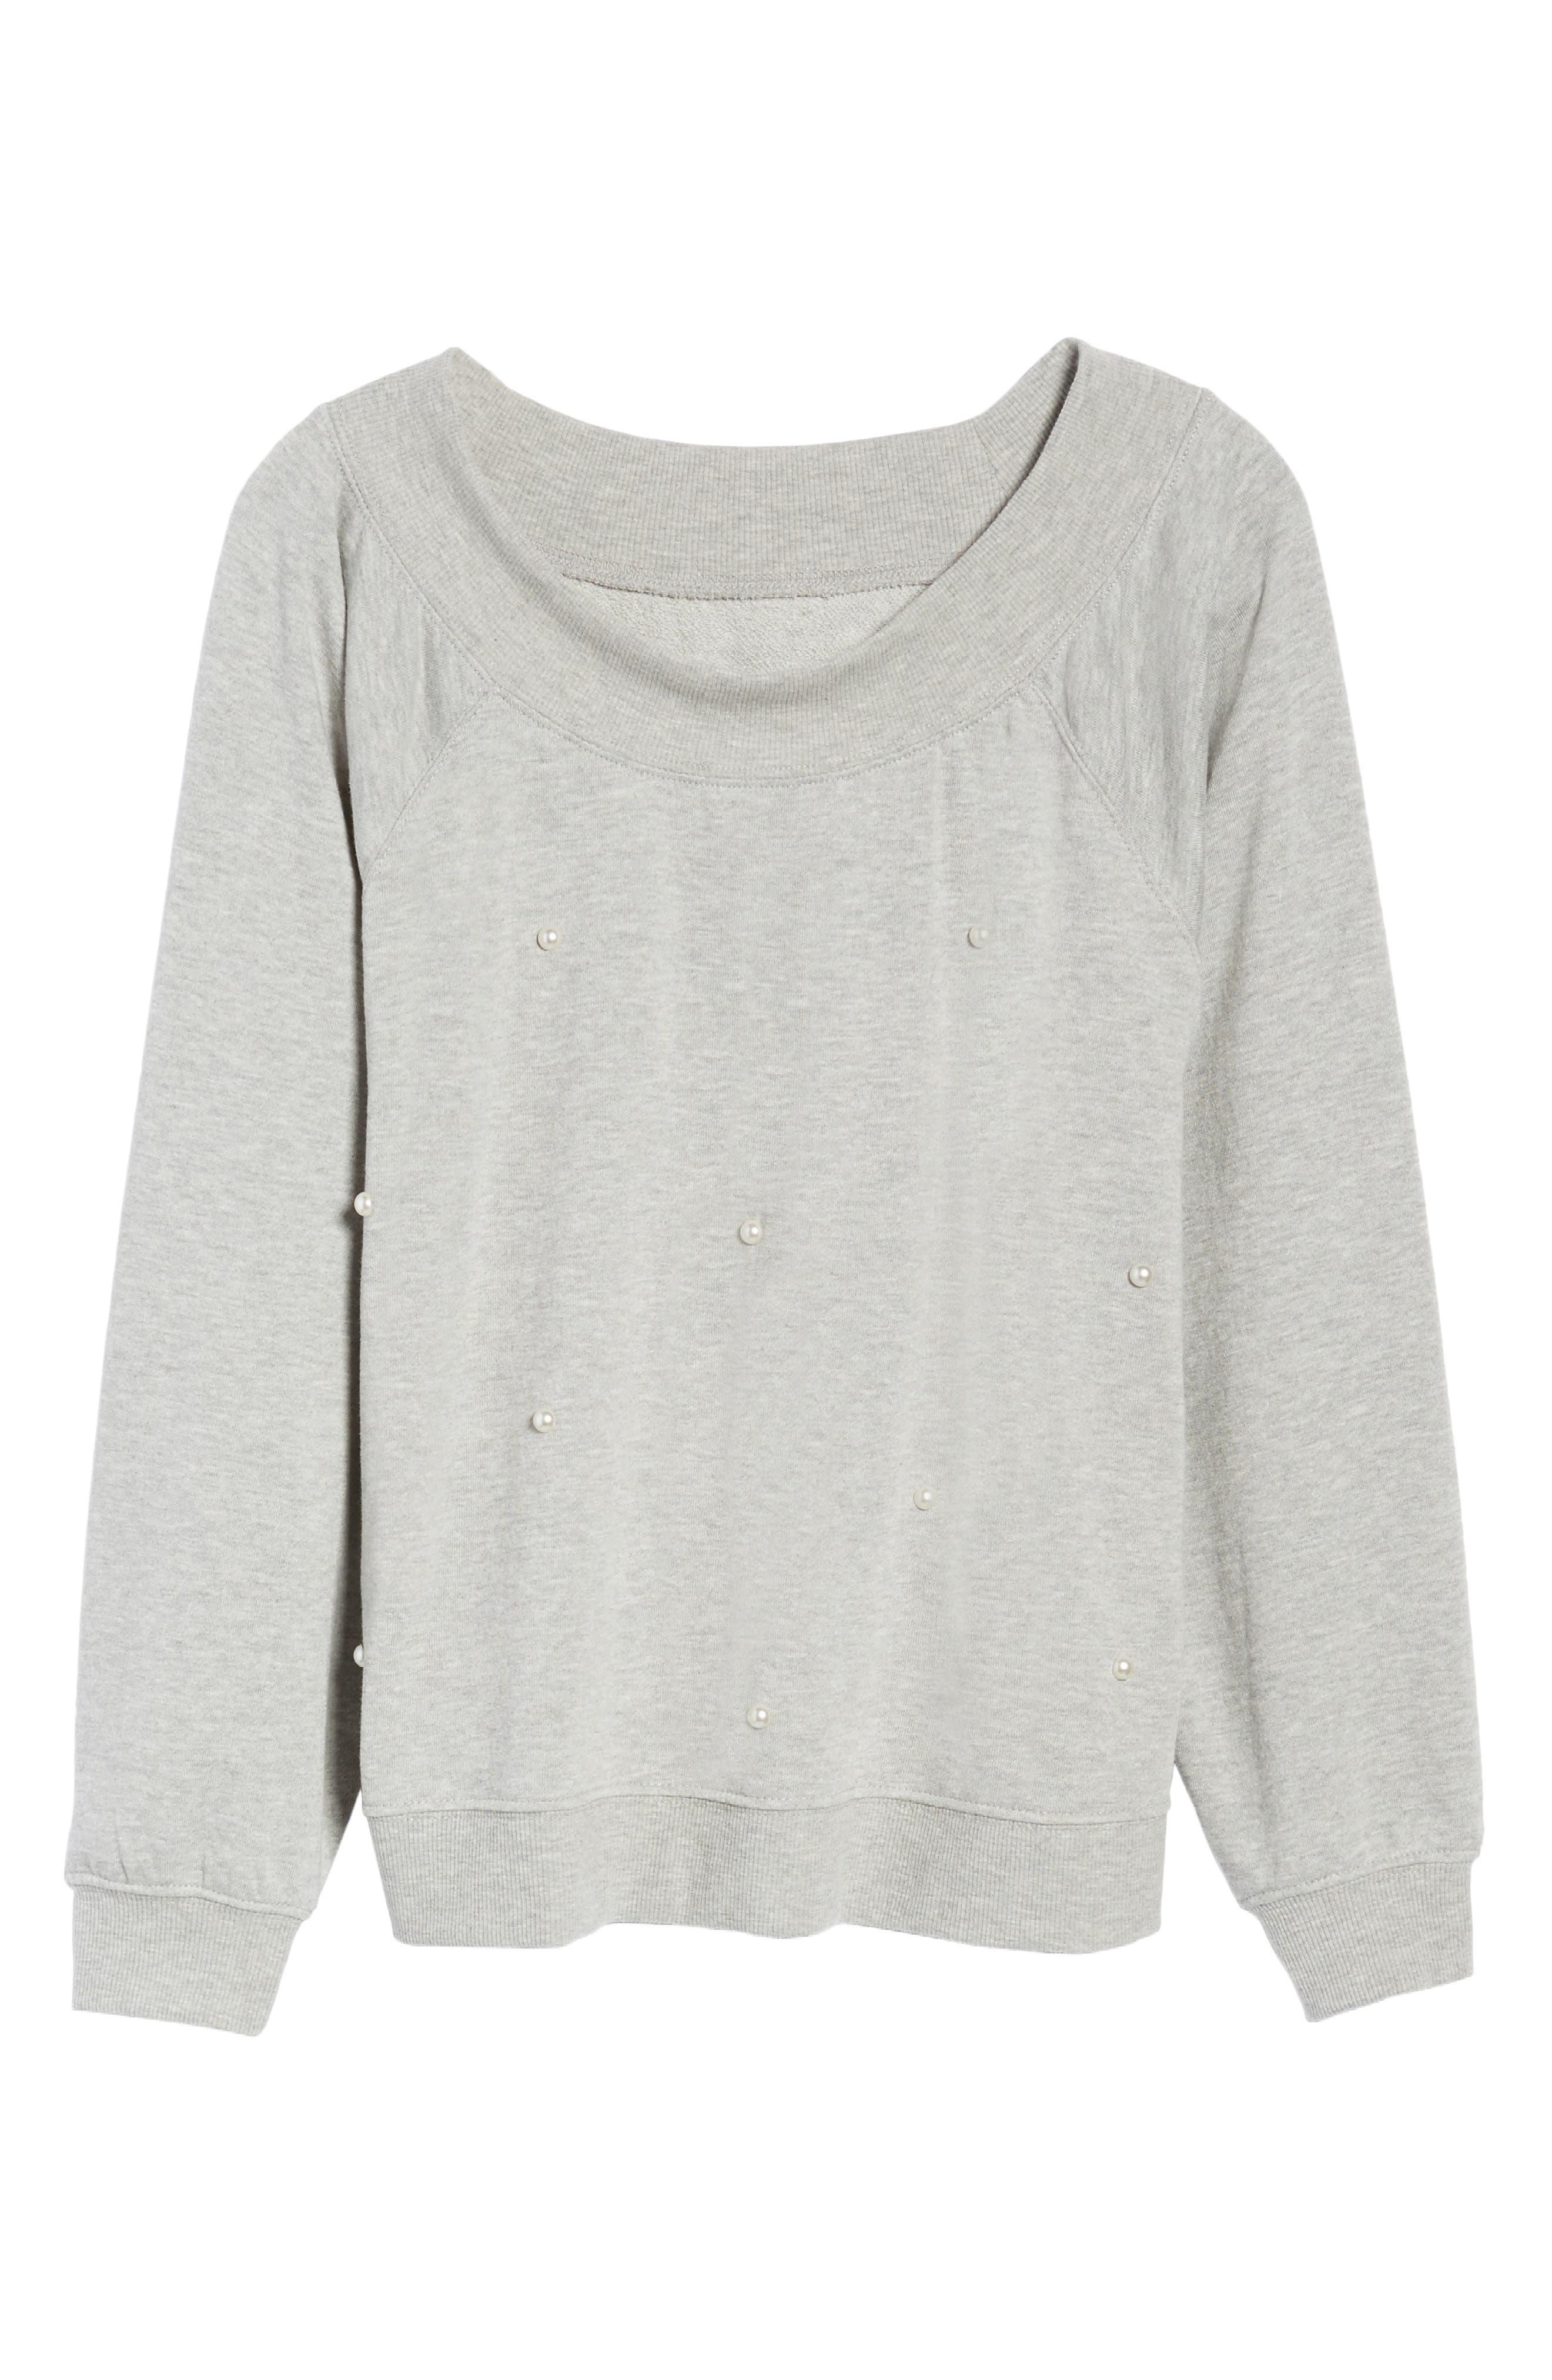 Embellished Off the Shoulder Sweatshirt,                             Alternate thumbnail 6, color,                             020